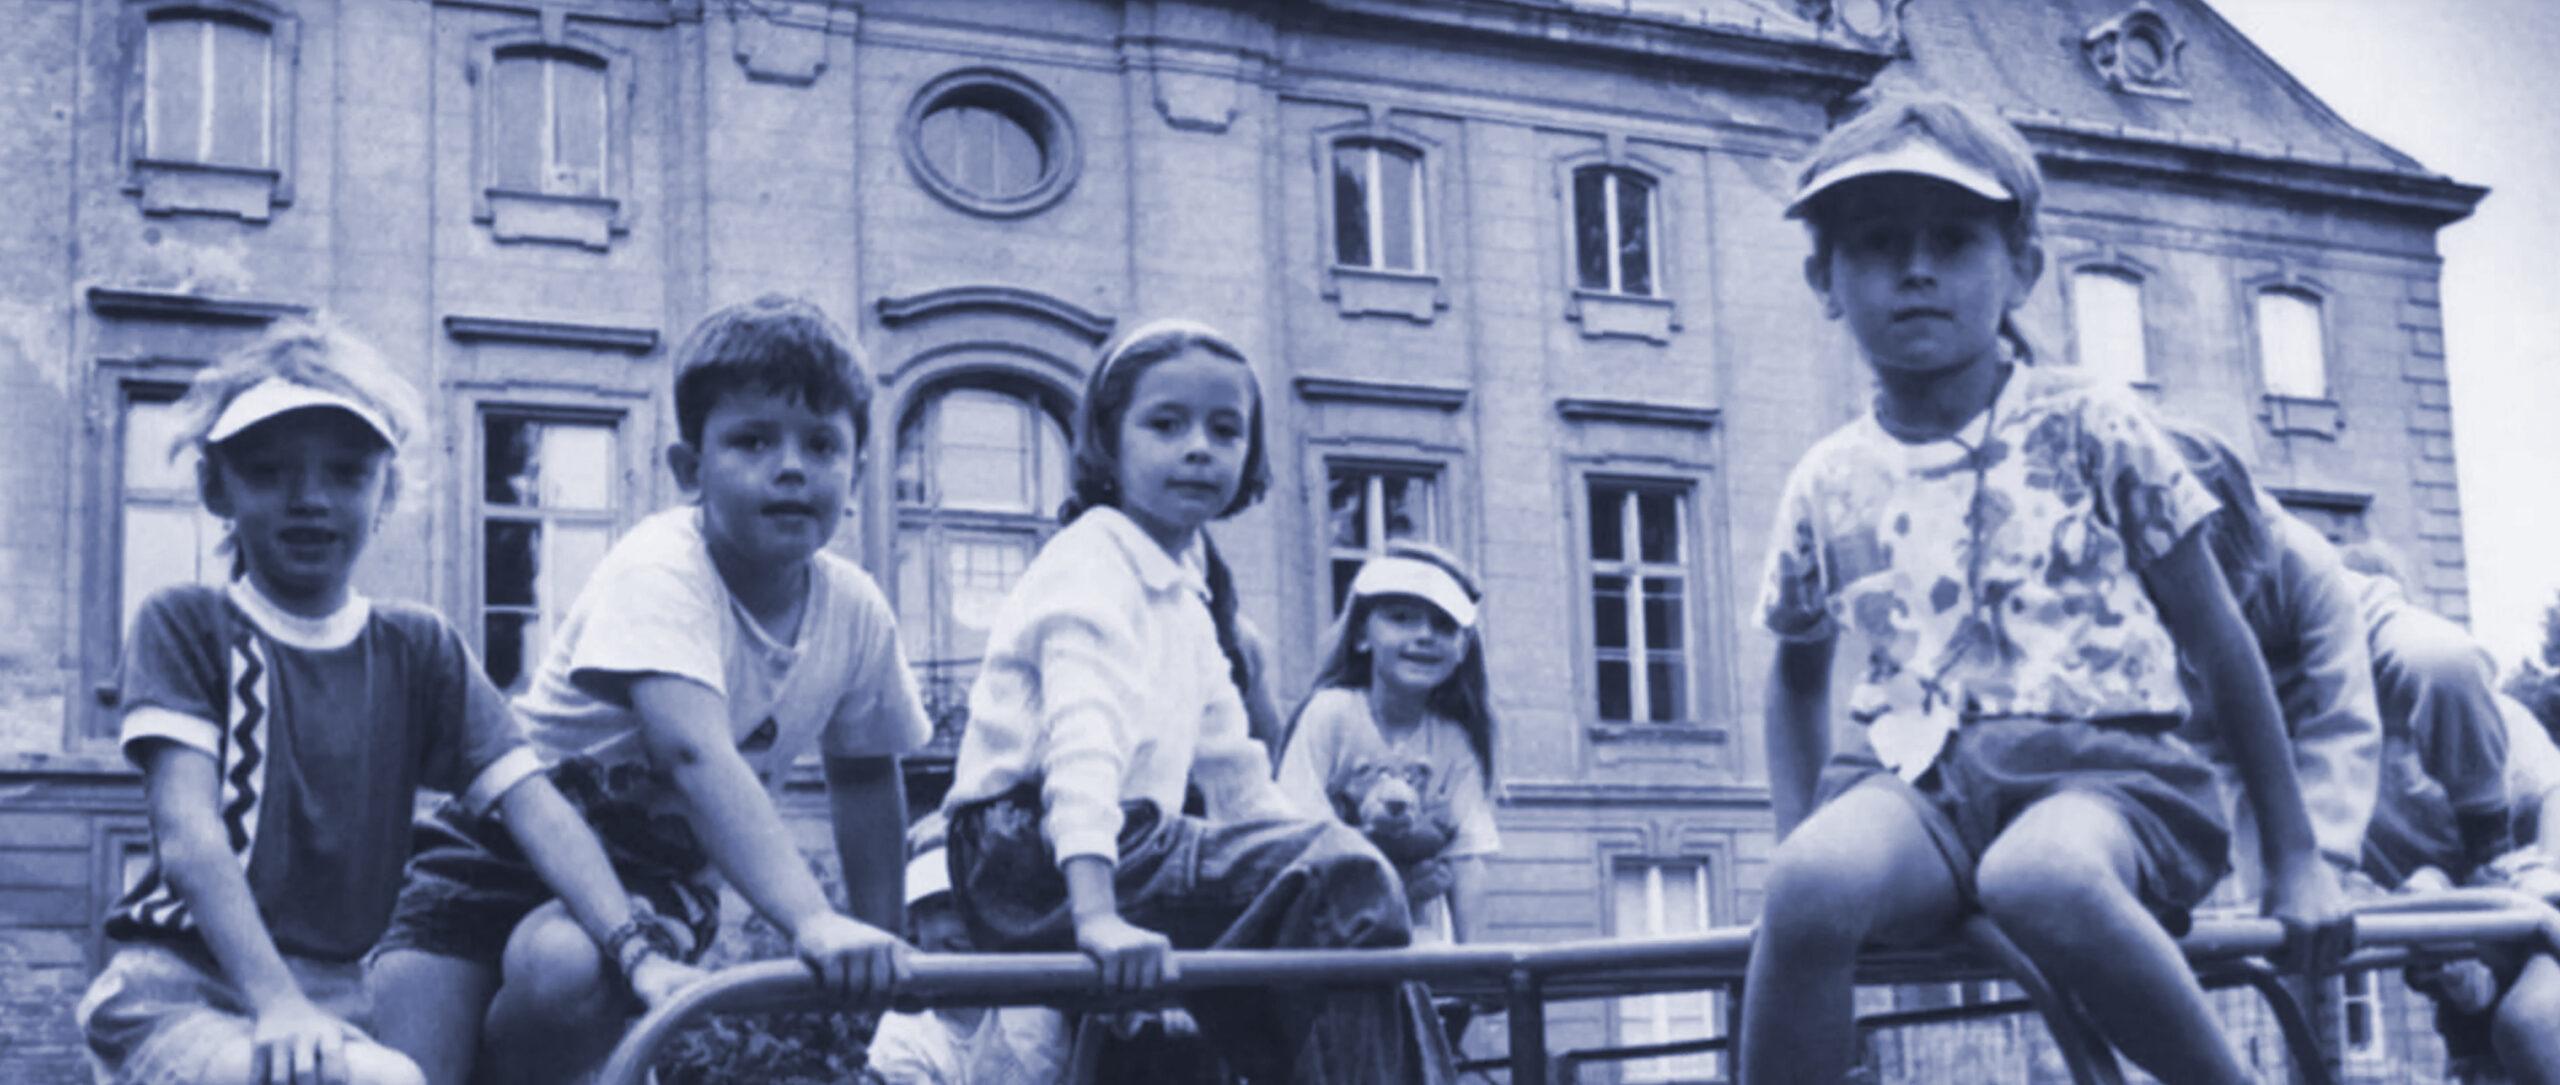 25 Jahre Bildungs-und Begegnungsstätte Schloss Trebnitz